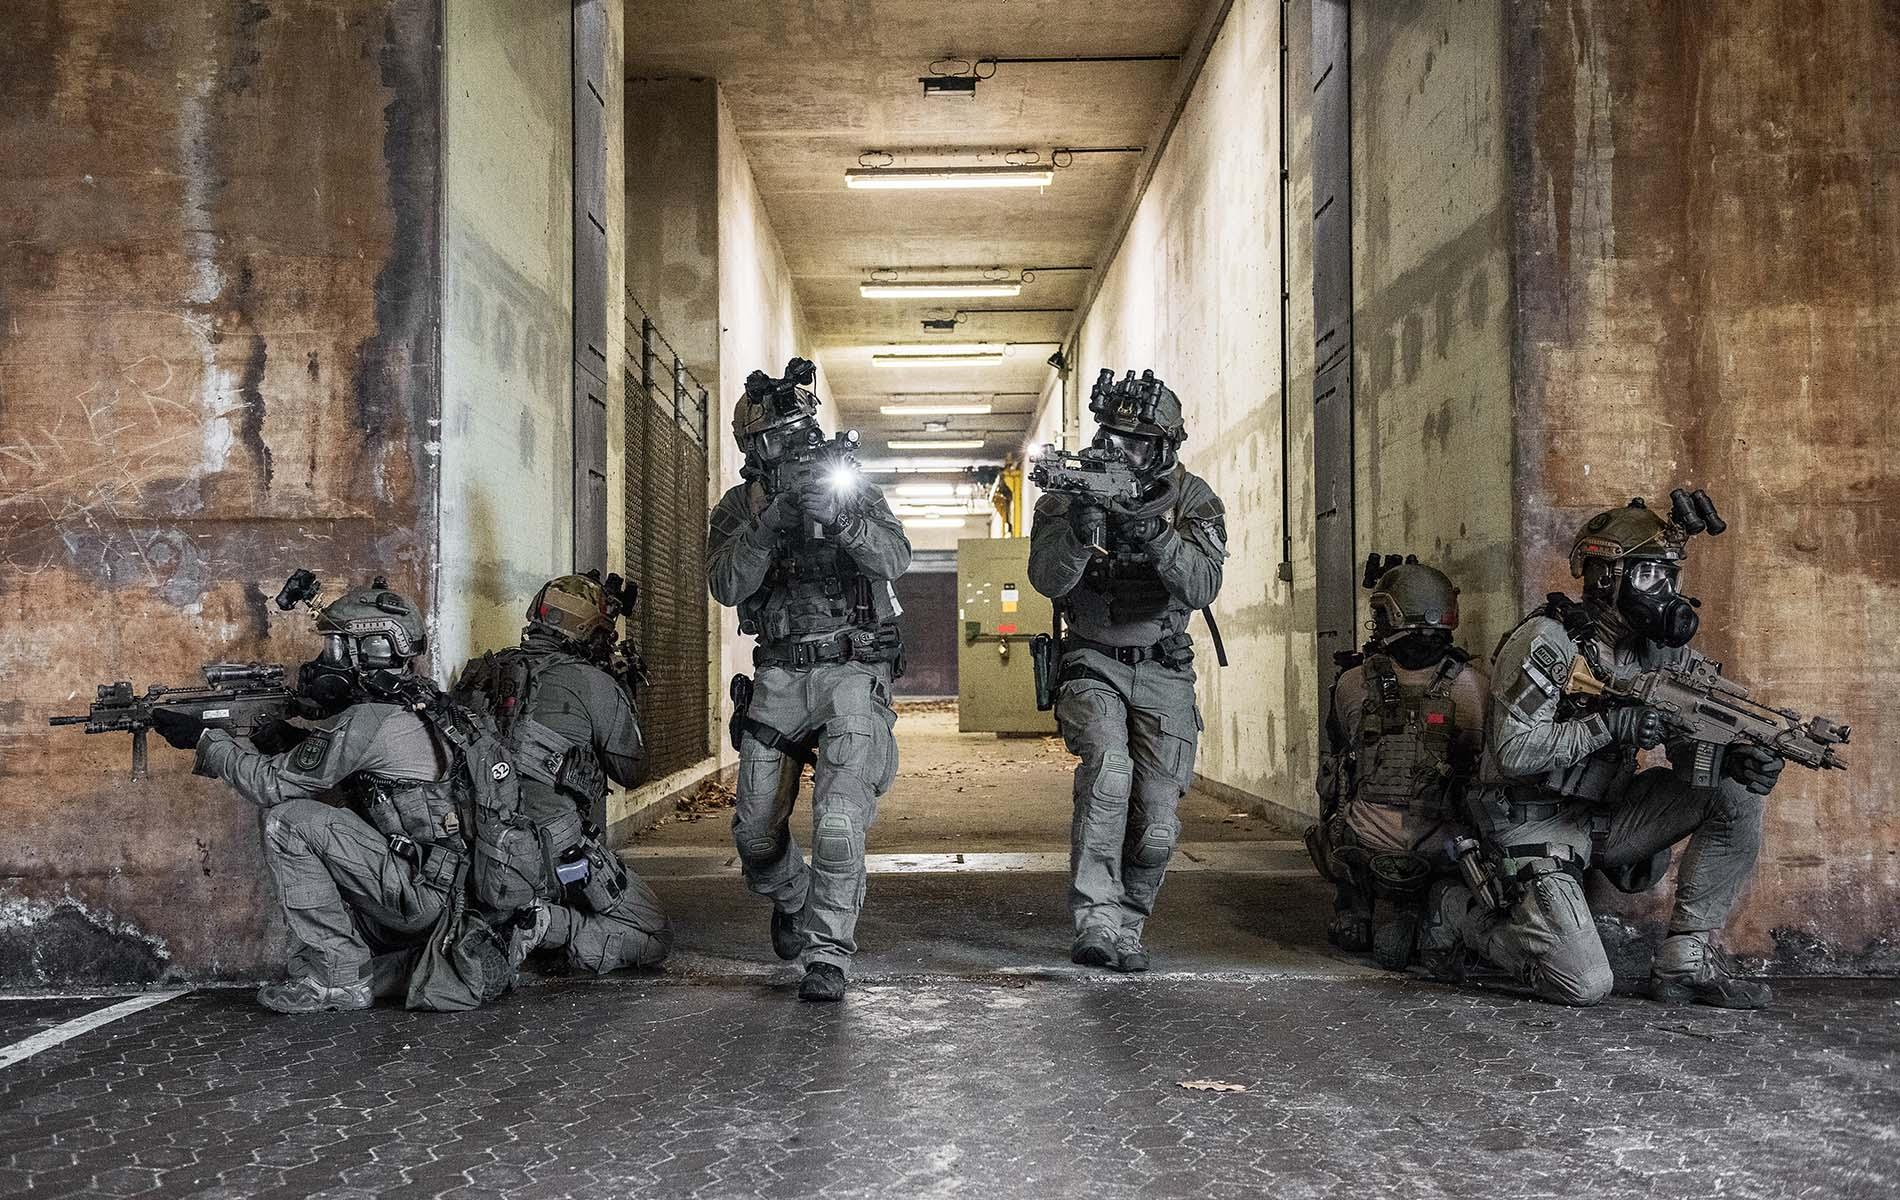 Gsg 9 Der Bundespolizei